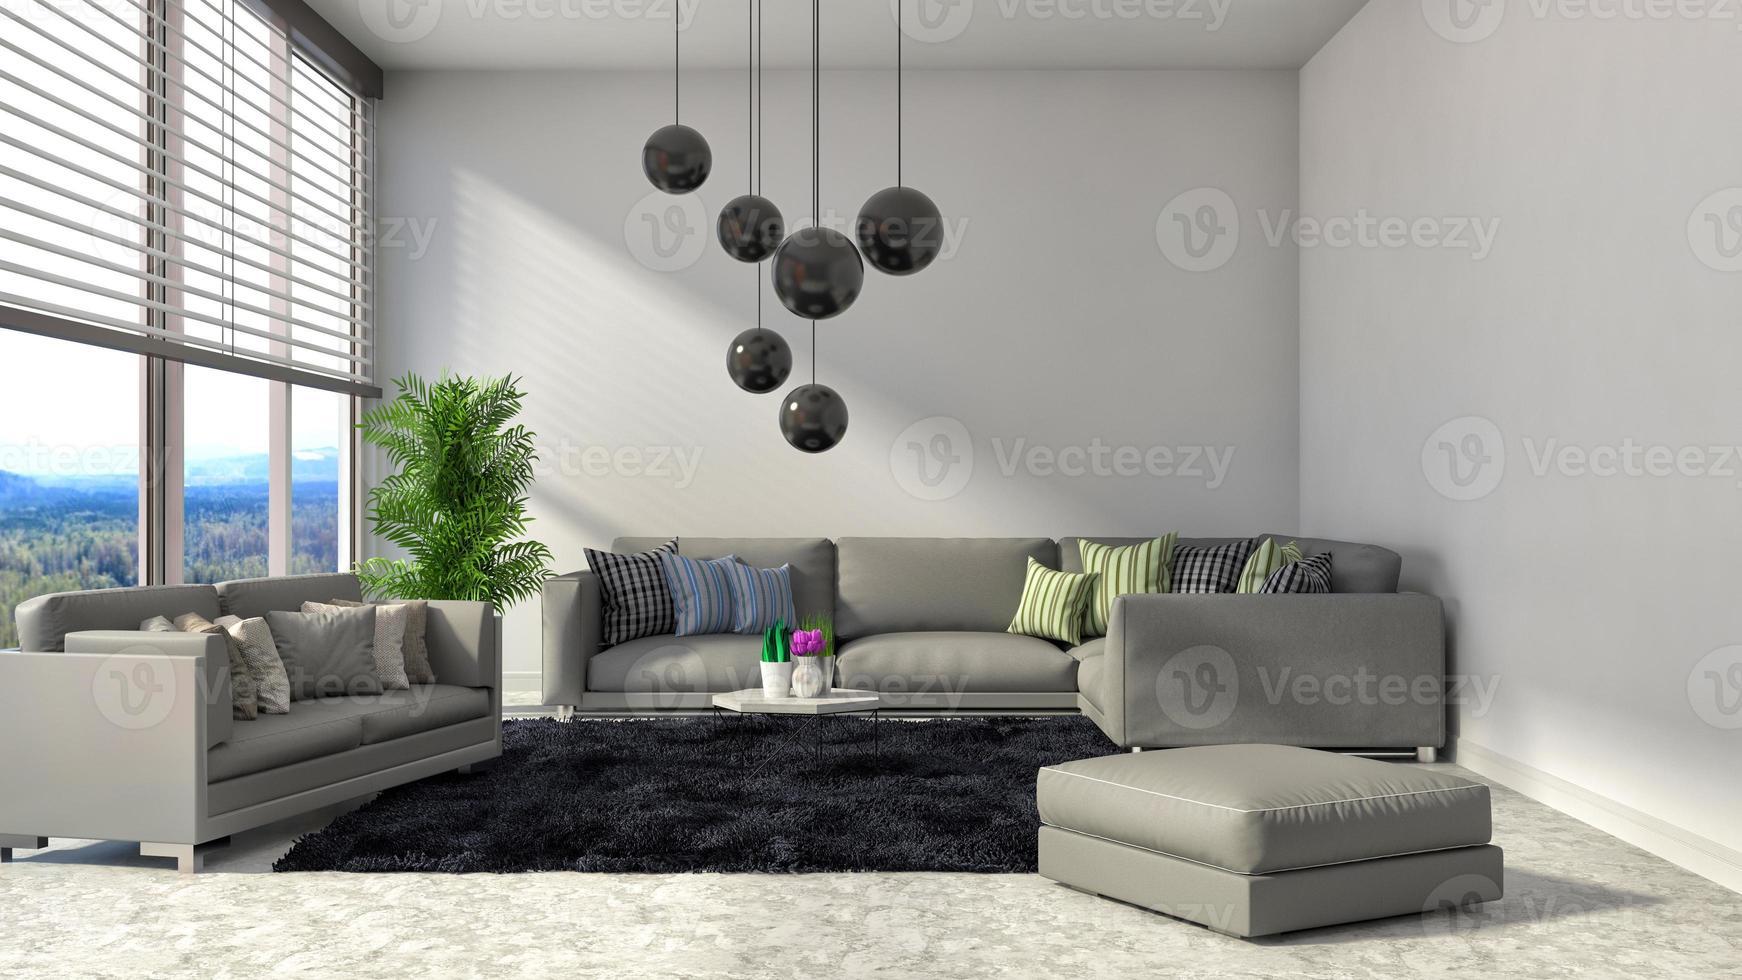 interior con sofá gris. Ilustración 3d foto